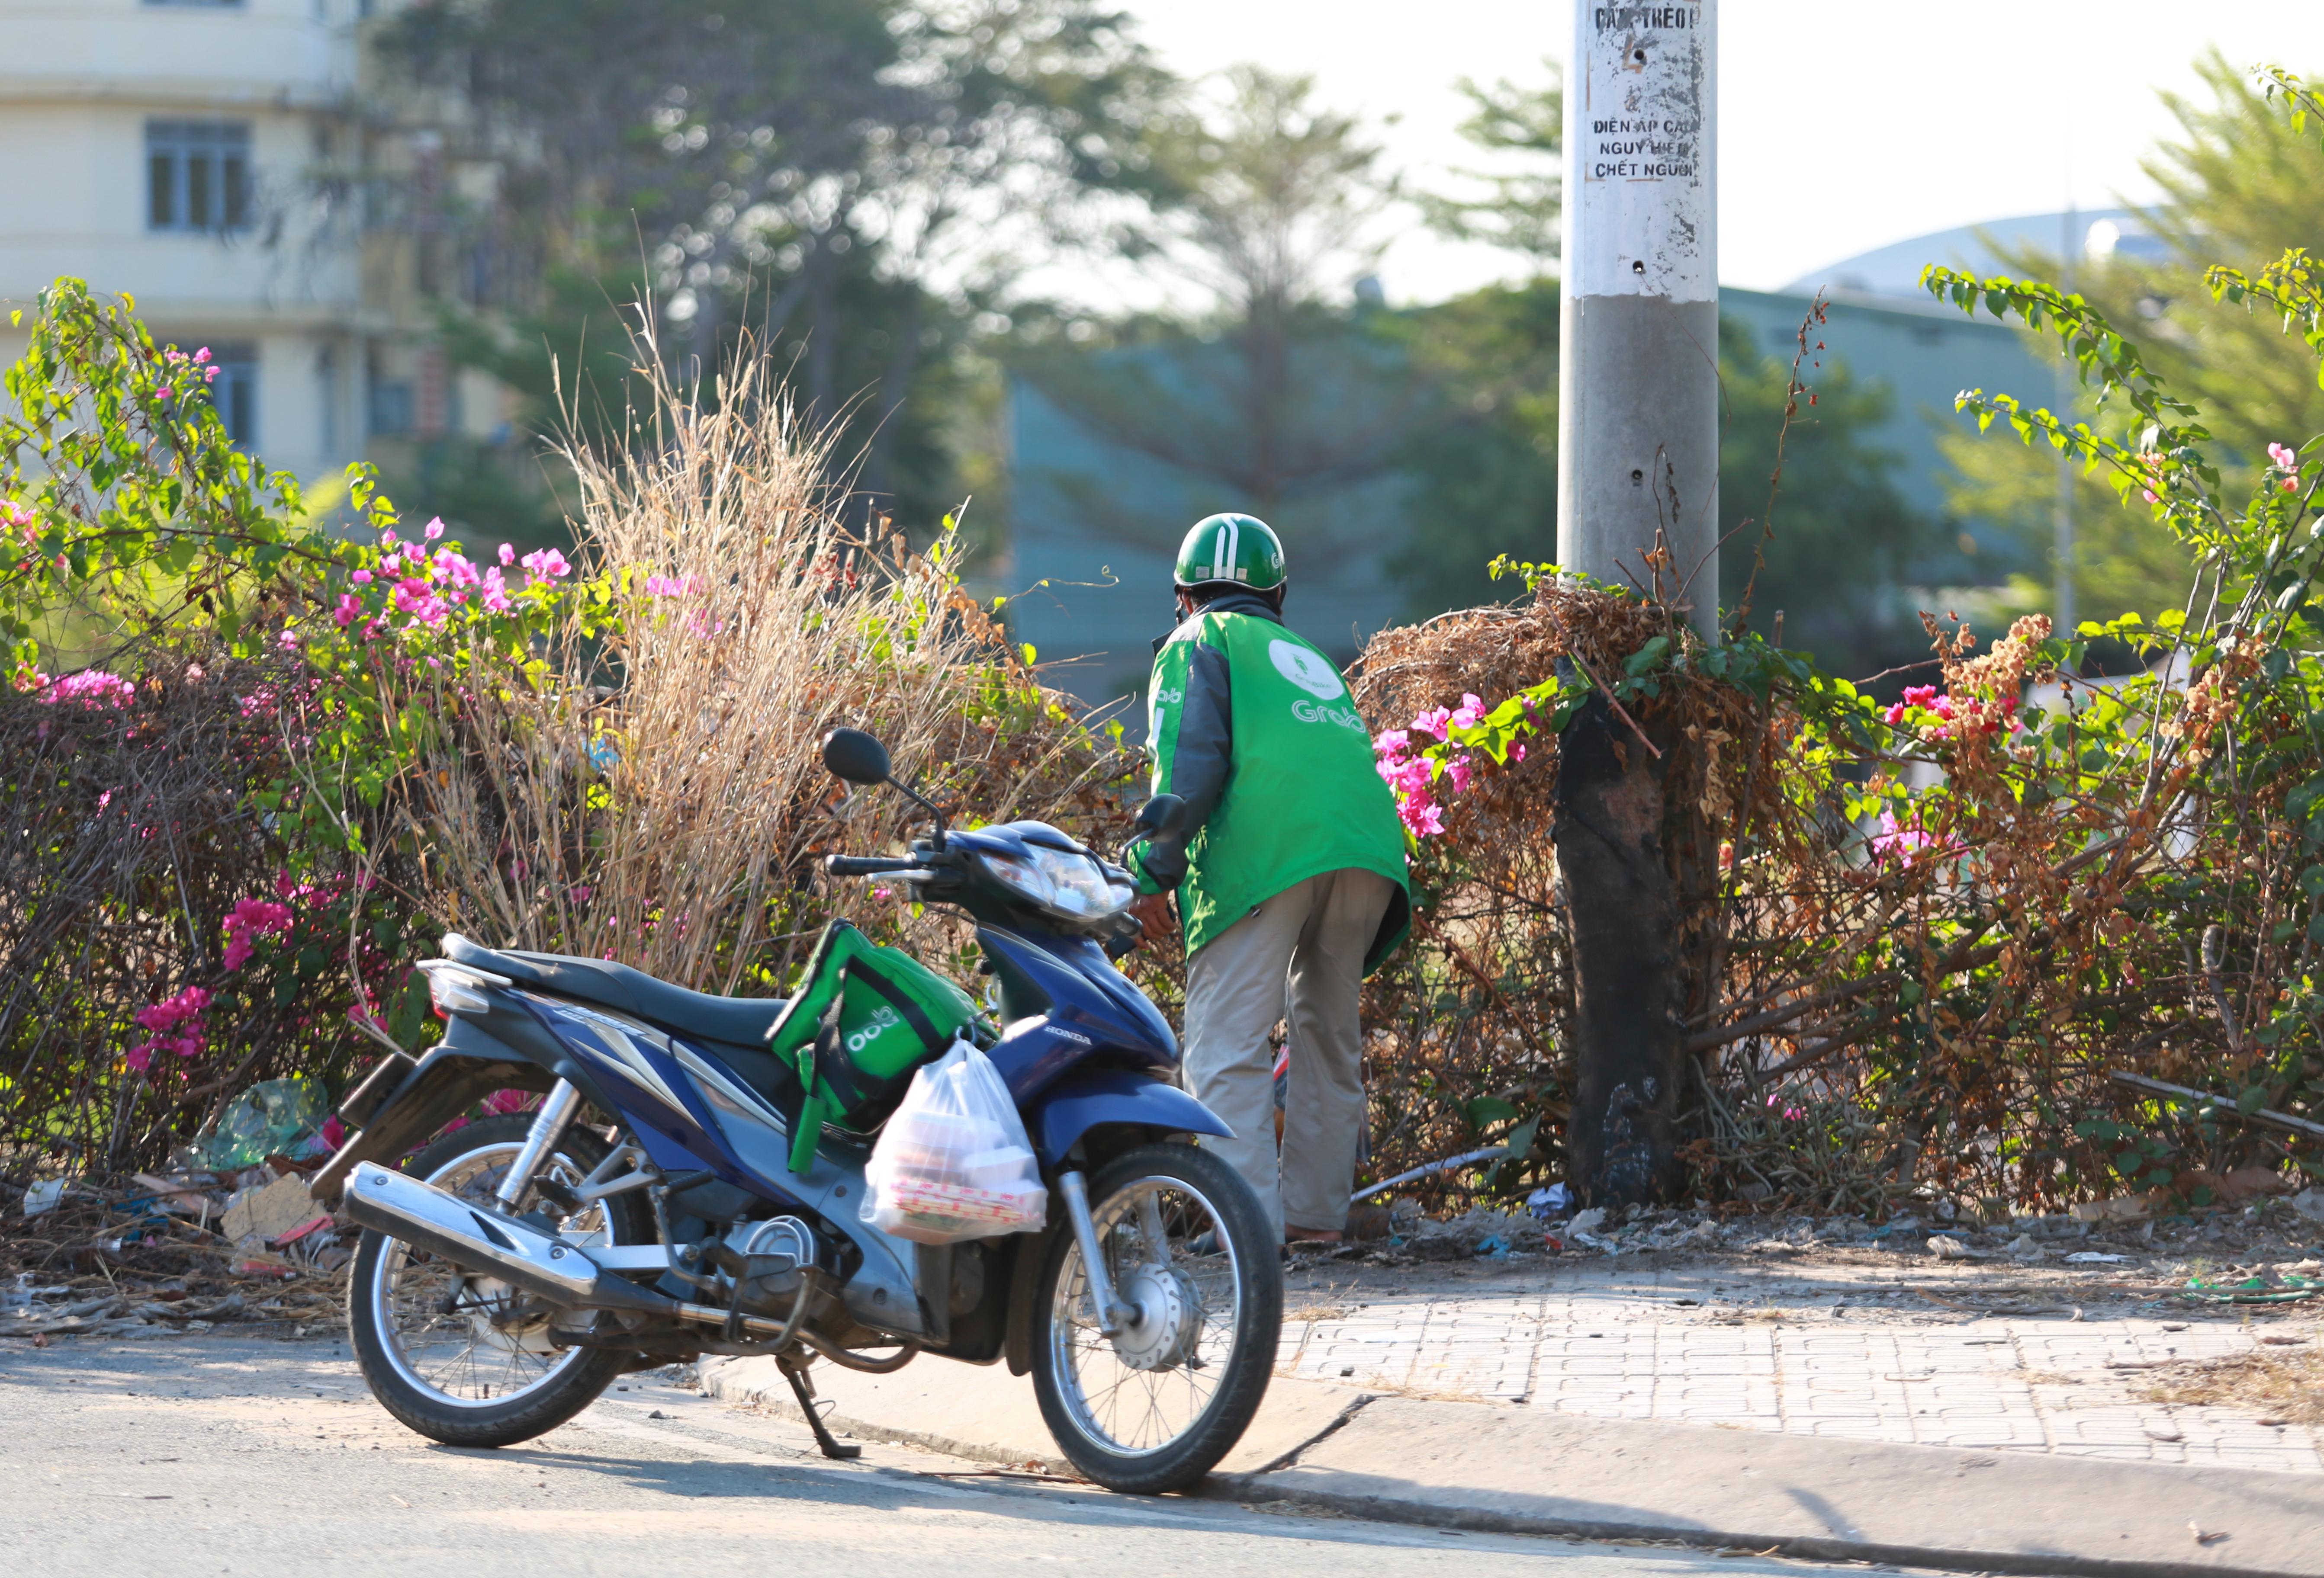 Sau lệnh cấm, nhiều người vẫn lén ném đồ tiếp tế qua hàng rào ở KTX ĐH Quốc gia TP. HCM - Ảnh 6.